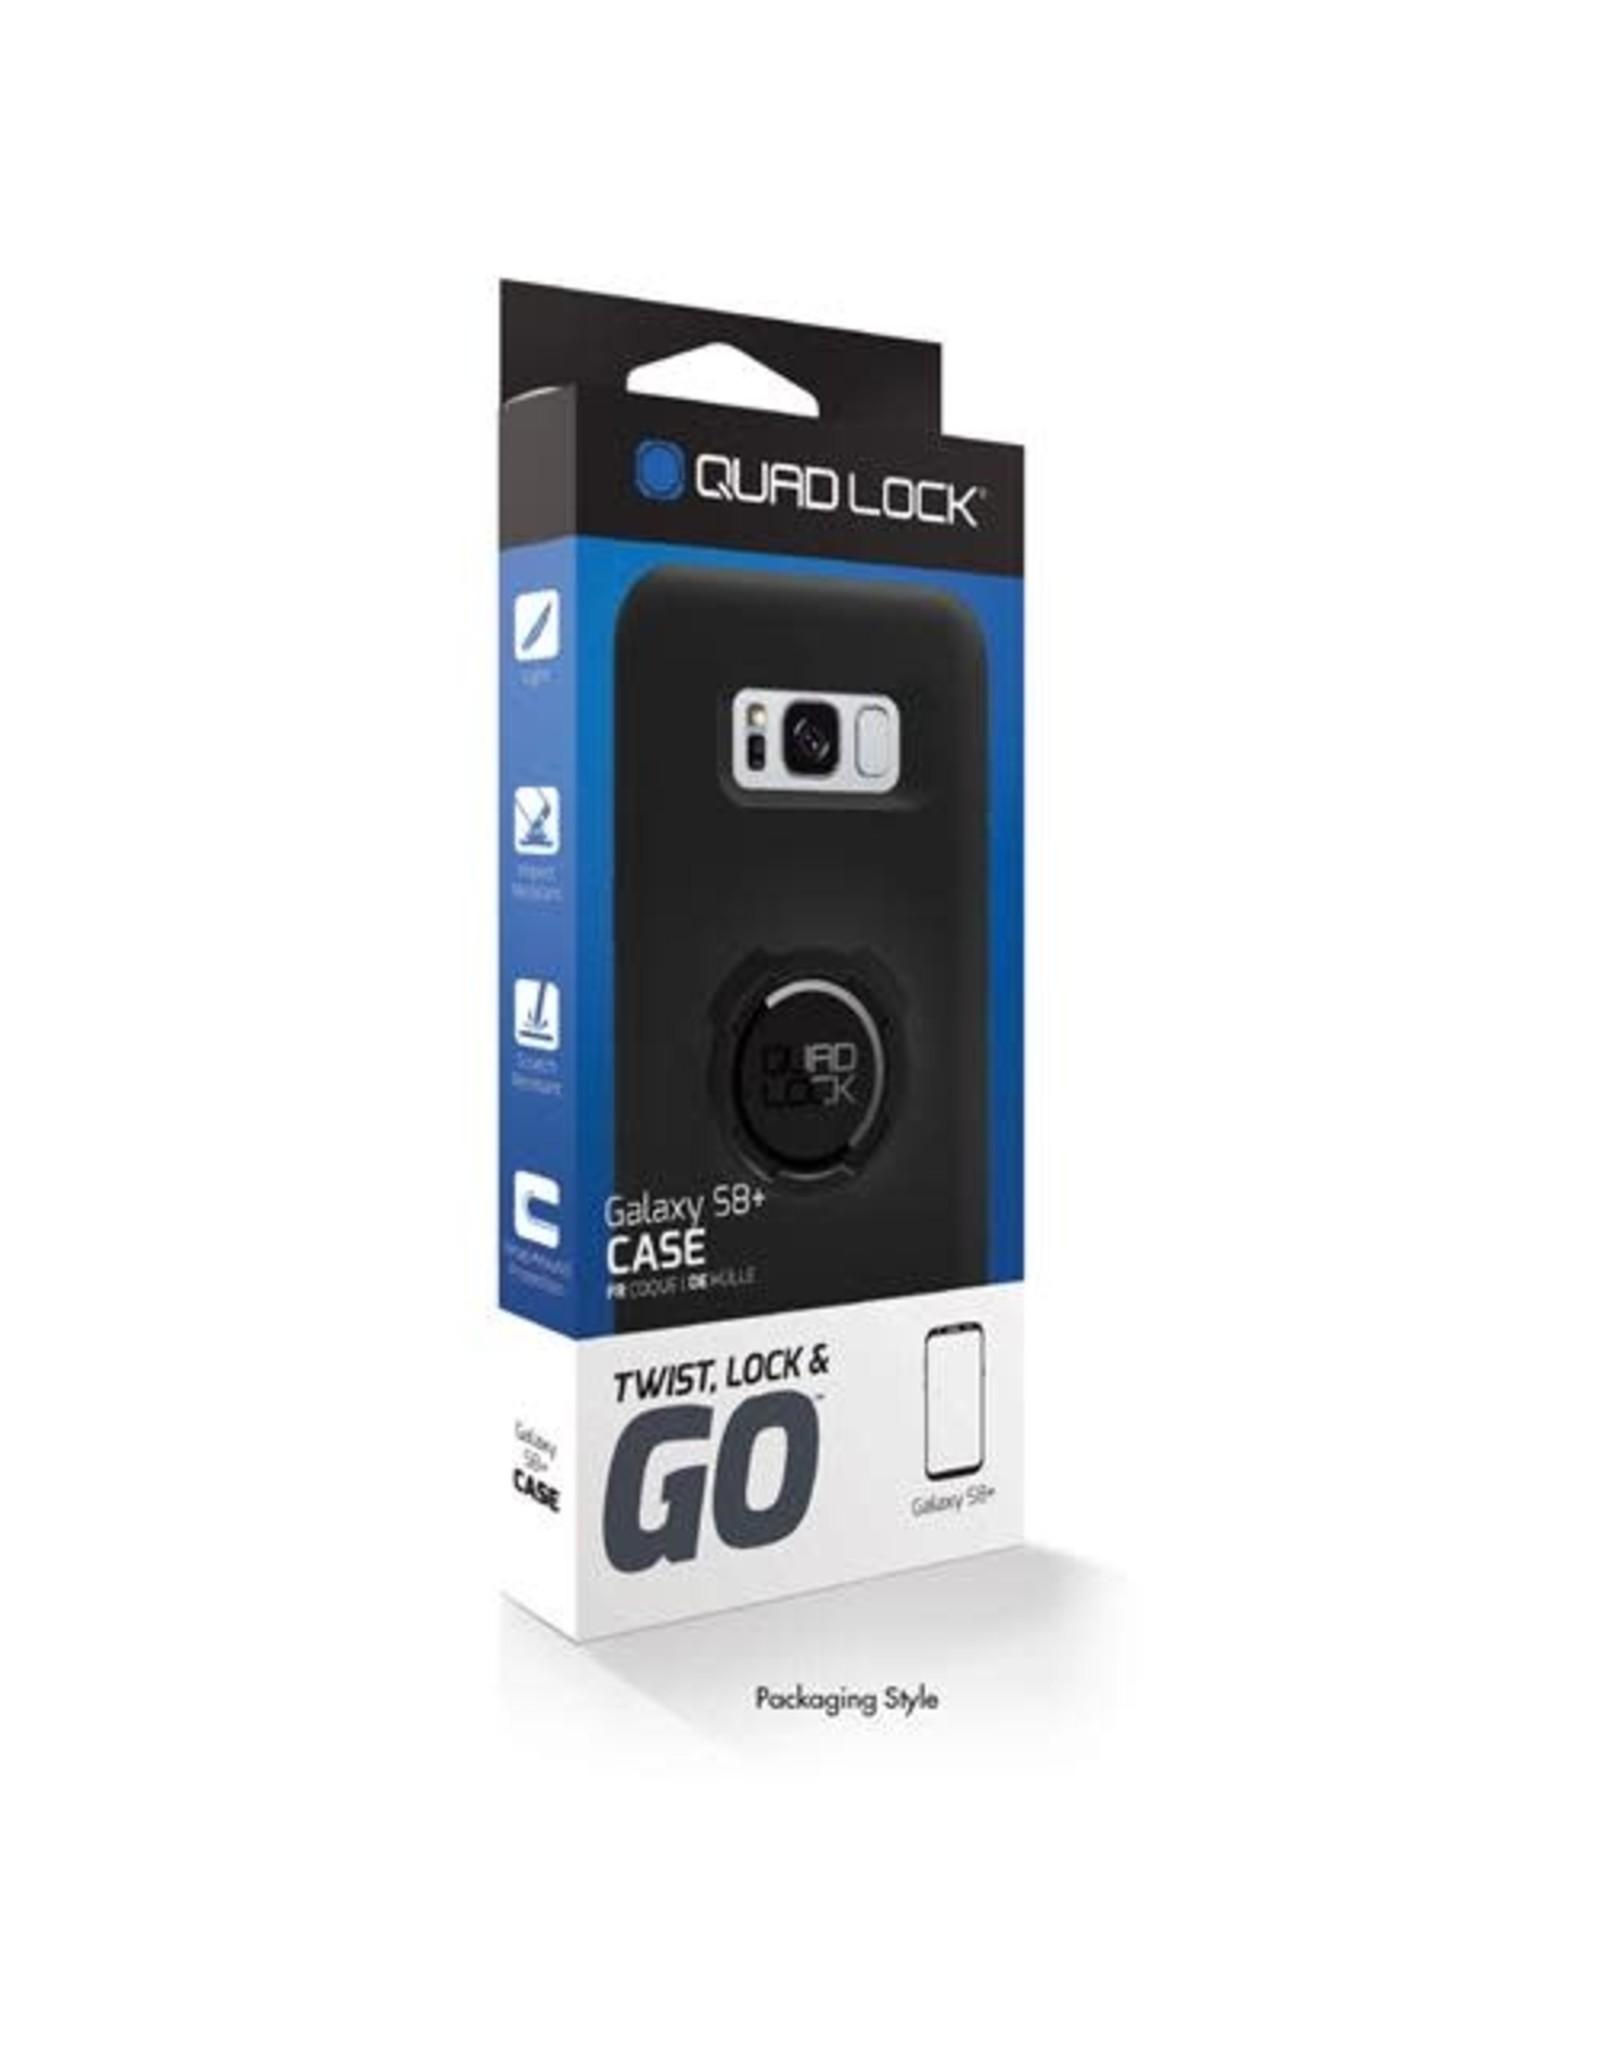 QUAD LOCK QUAD LOCK FOR GALAXY S9 PHONE CASE